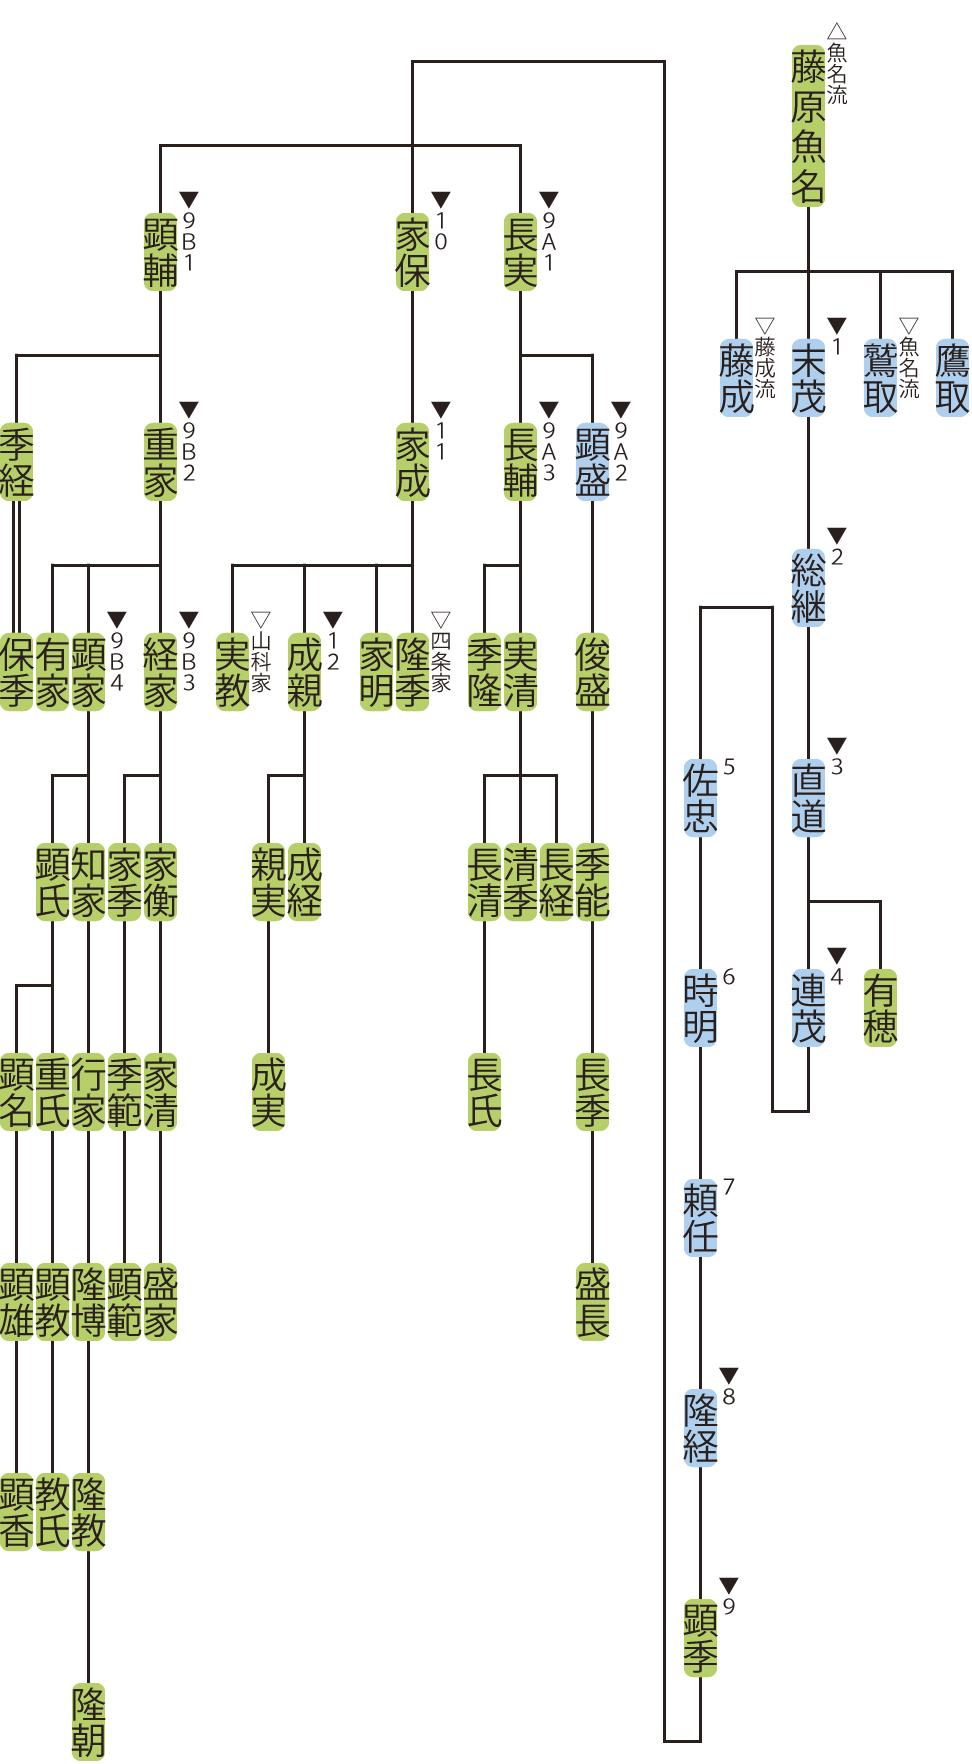 藤原氏北家・末茂流の略系図